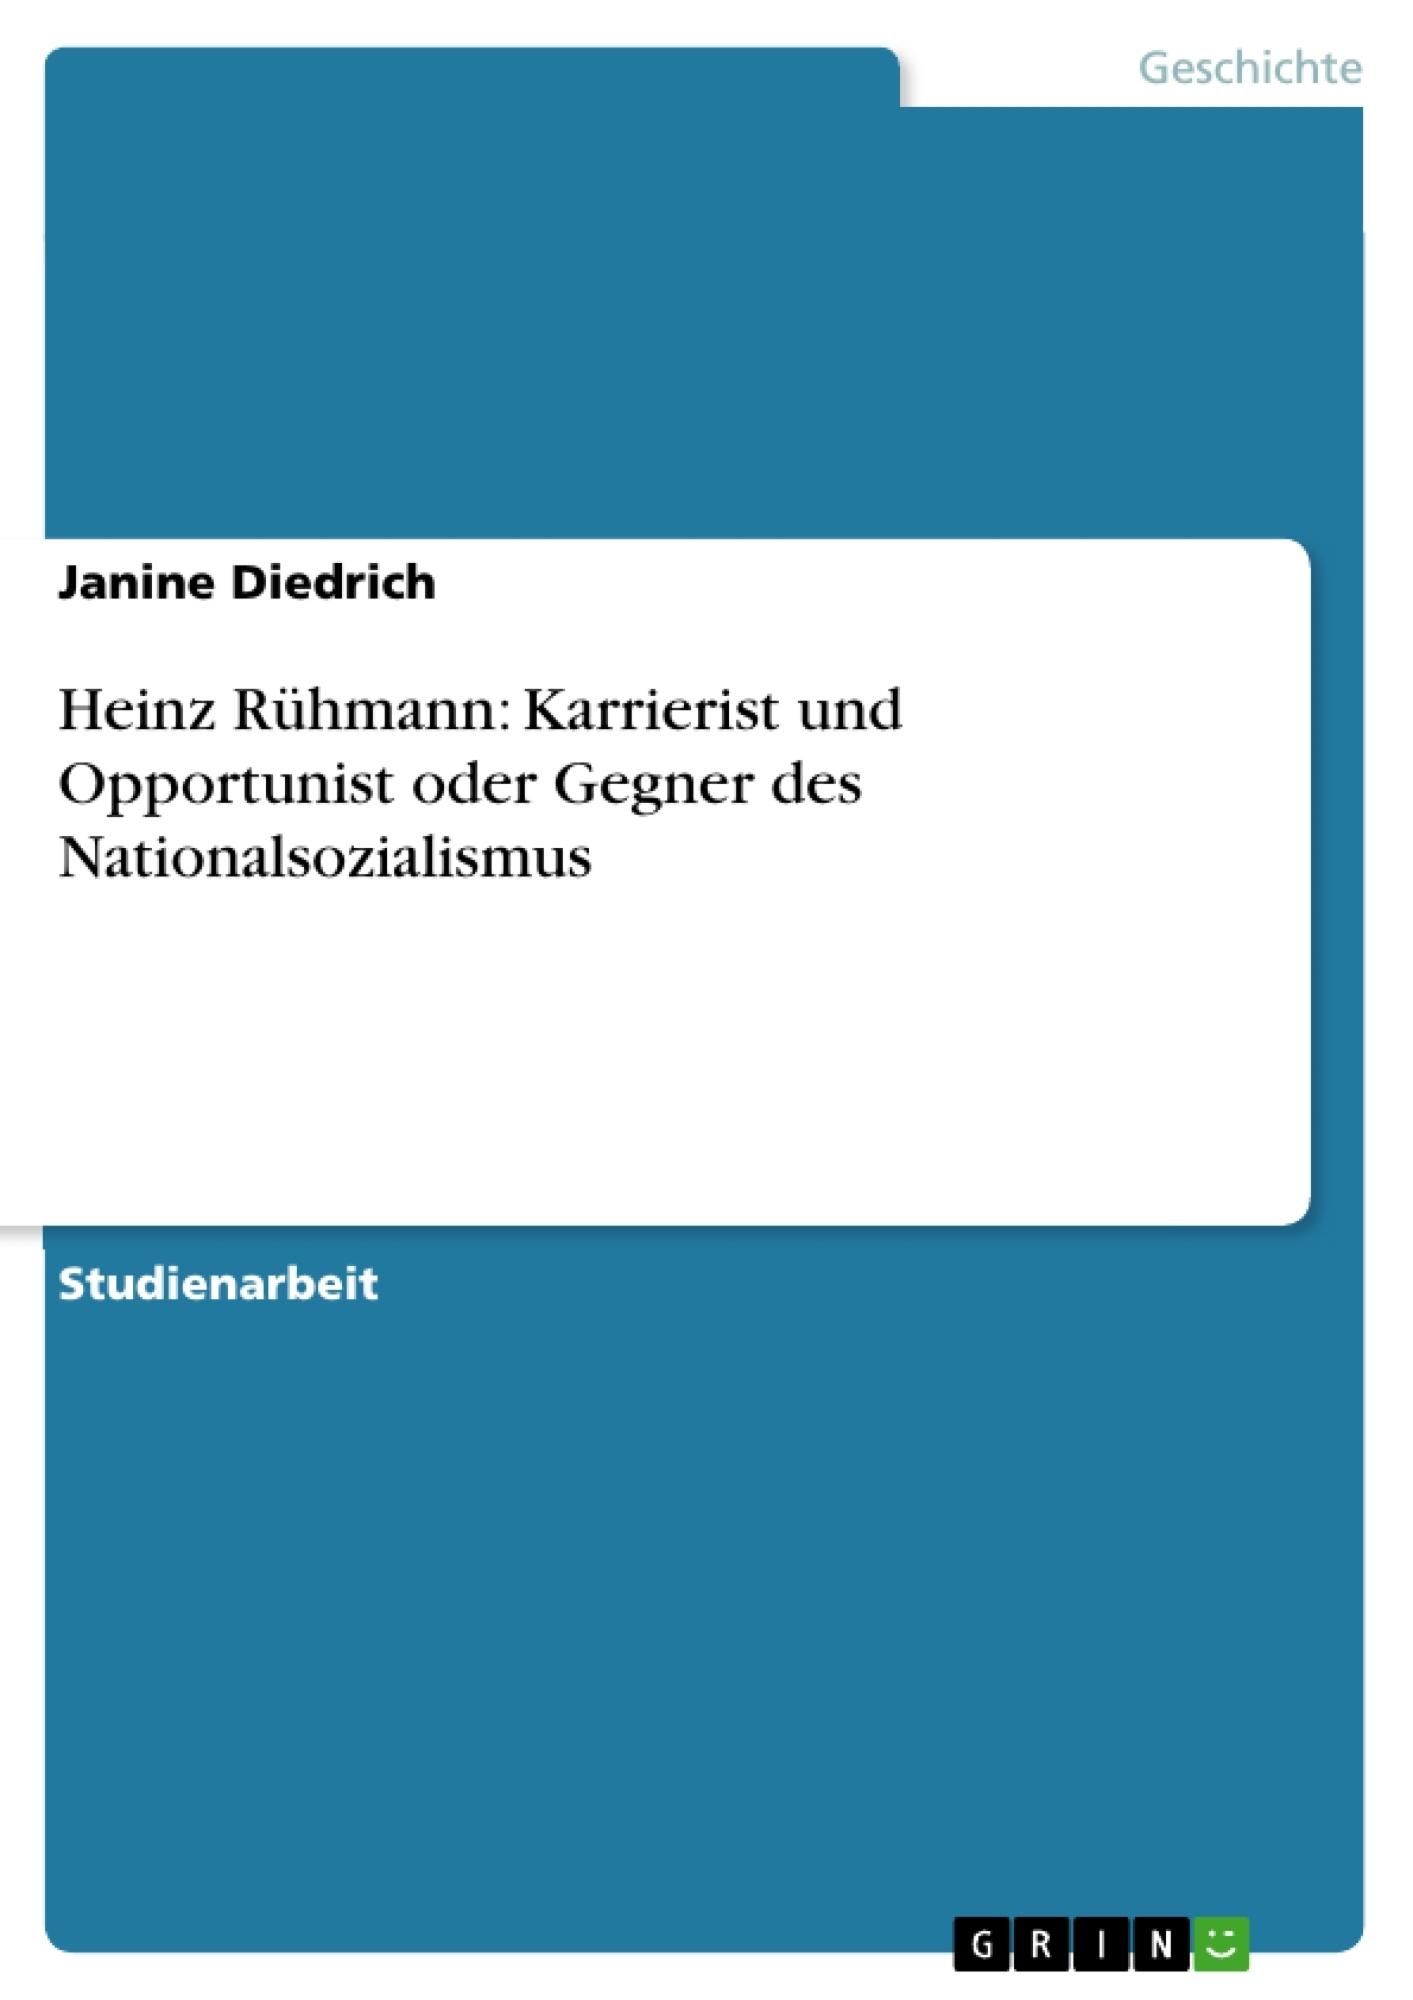 Titel: Heinz Rühmann: Karrierist und Opportunist oder Gegner des Nationalsozialismus